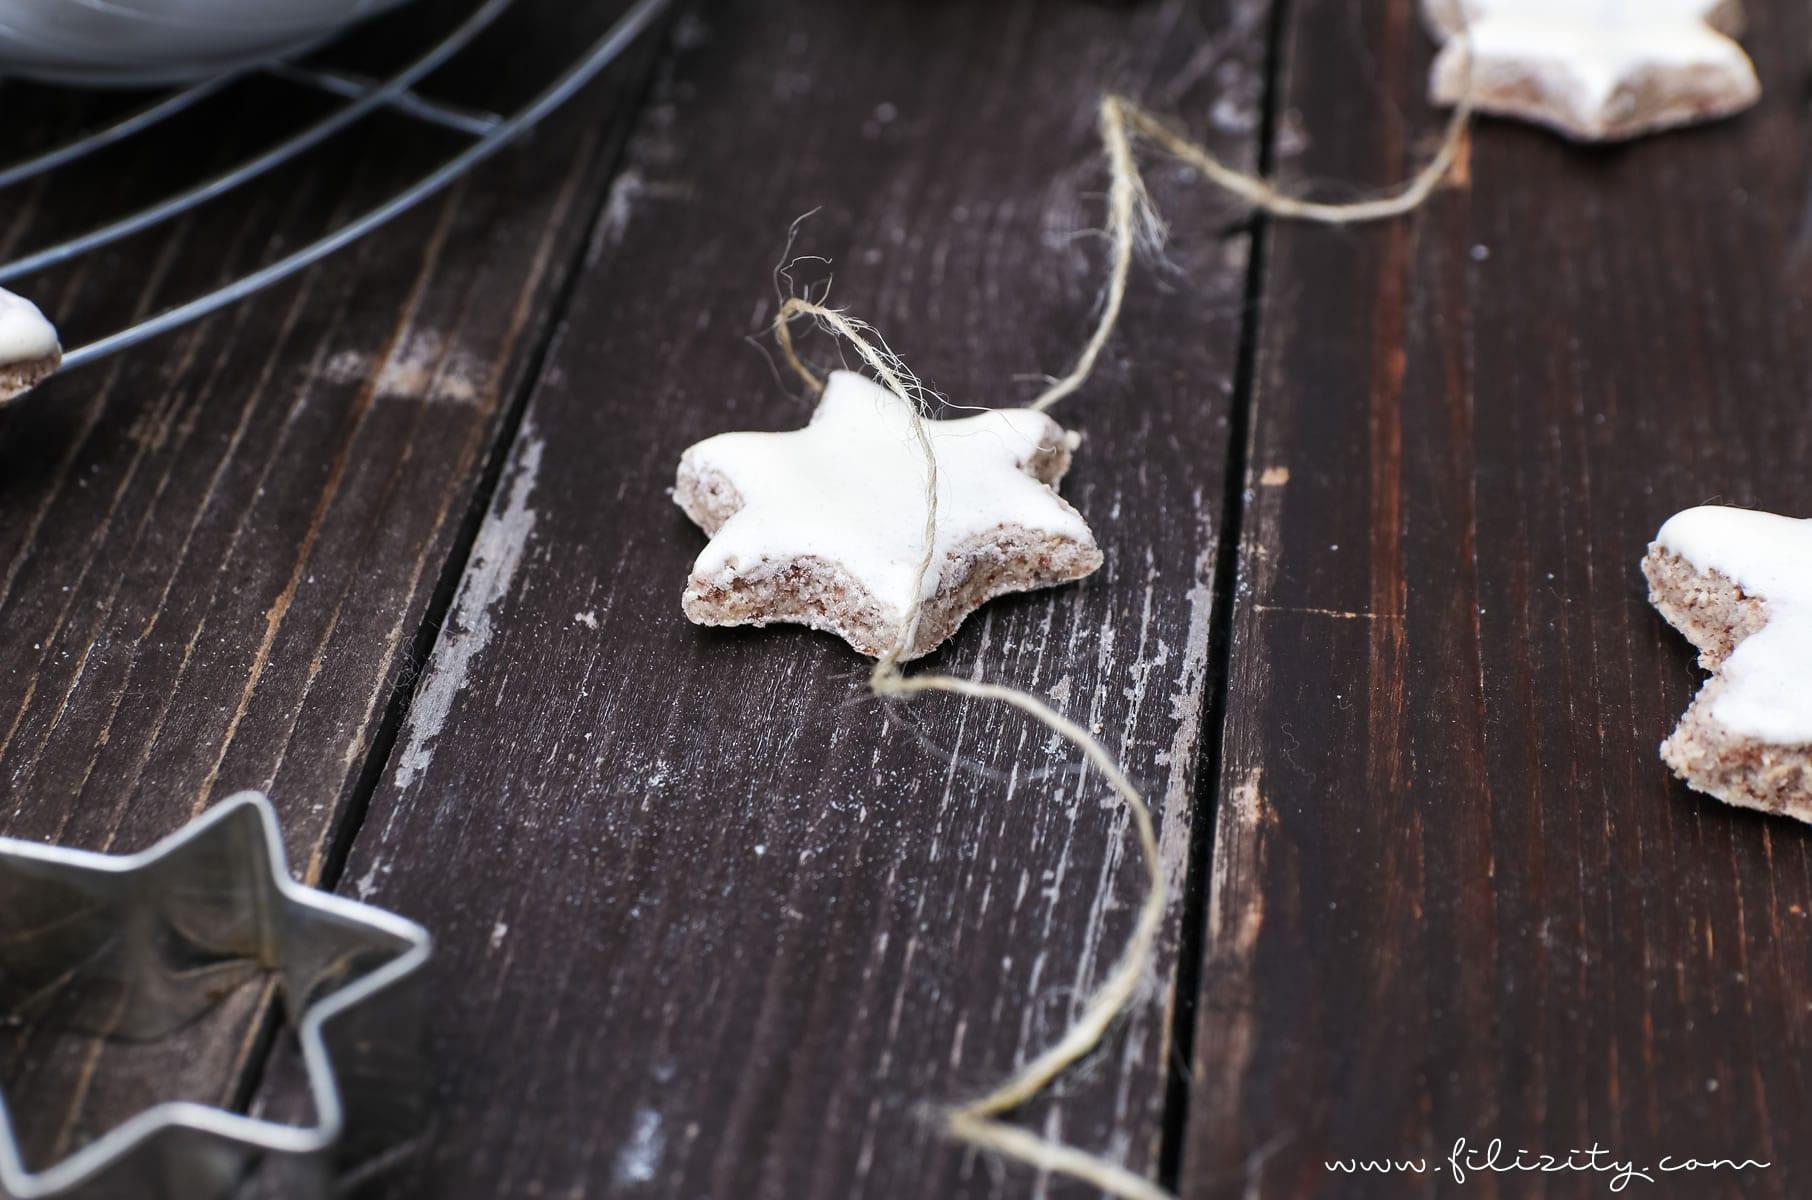 Zimtsterne zu Weihnachten – Der Klassiker unter den Plätzchen-Rezepten | Filizity.com | Food-Blog aus Koblenz #weihnacht #plätzchen #advent